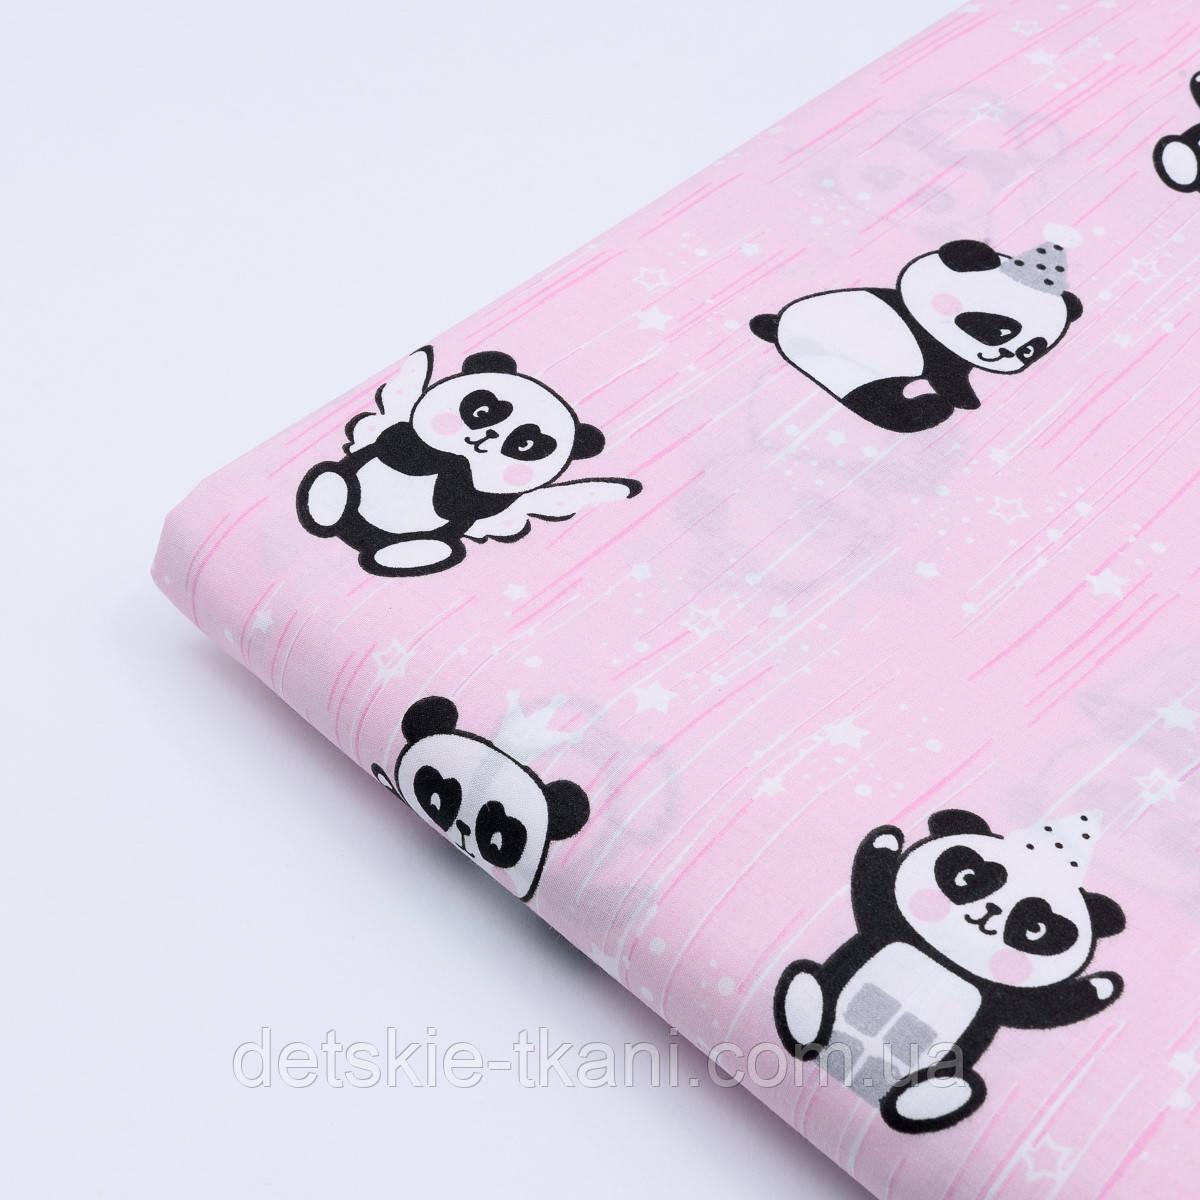 """Лоскут ткани """"Панды в чашках и звёздочки"""" на розовом, №1630а"""